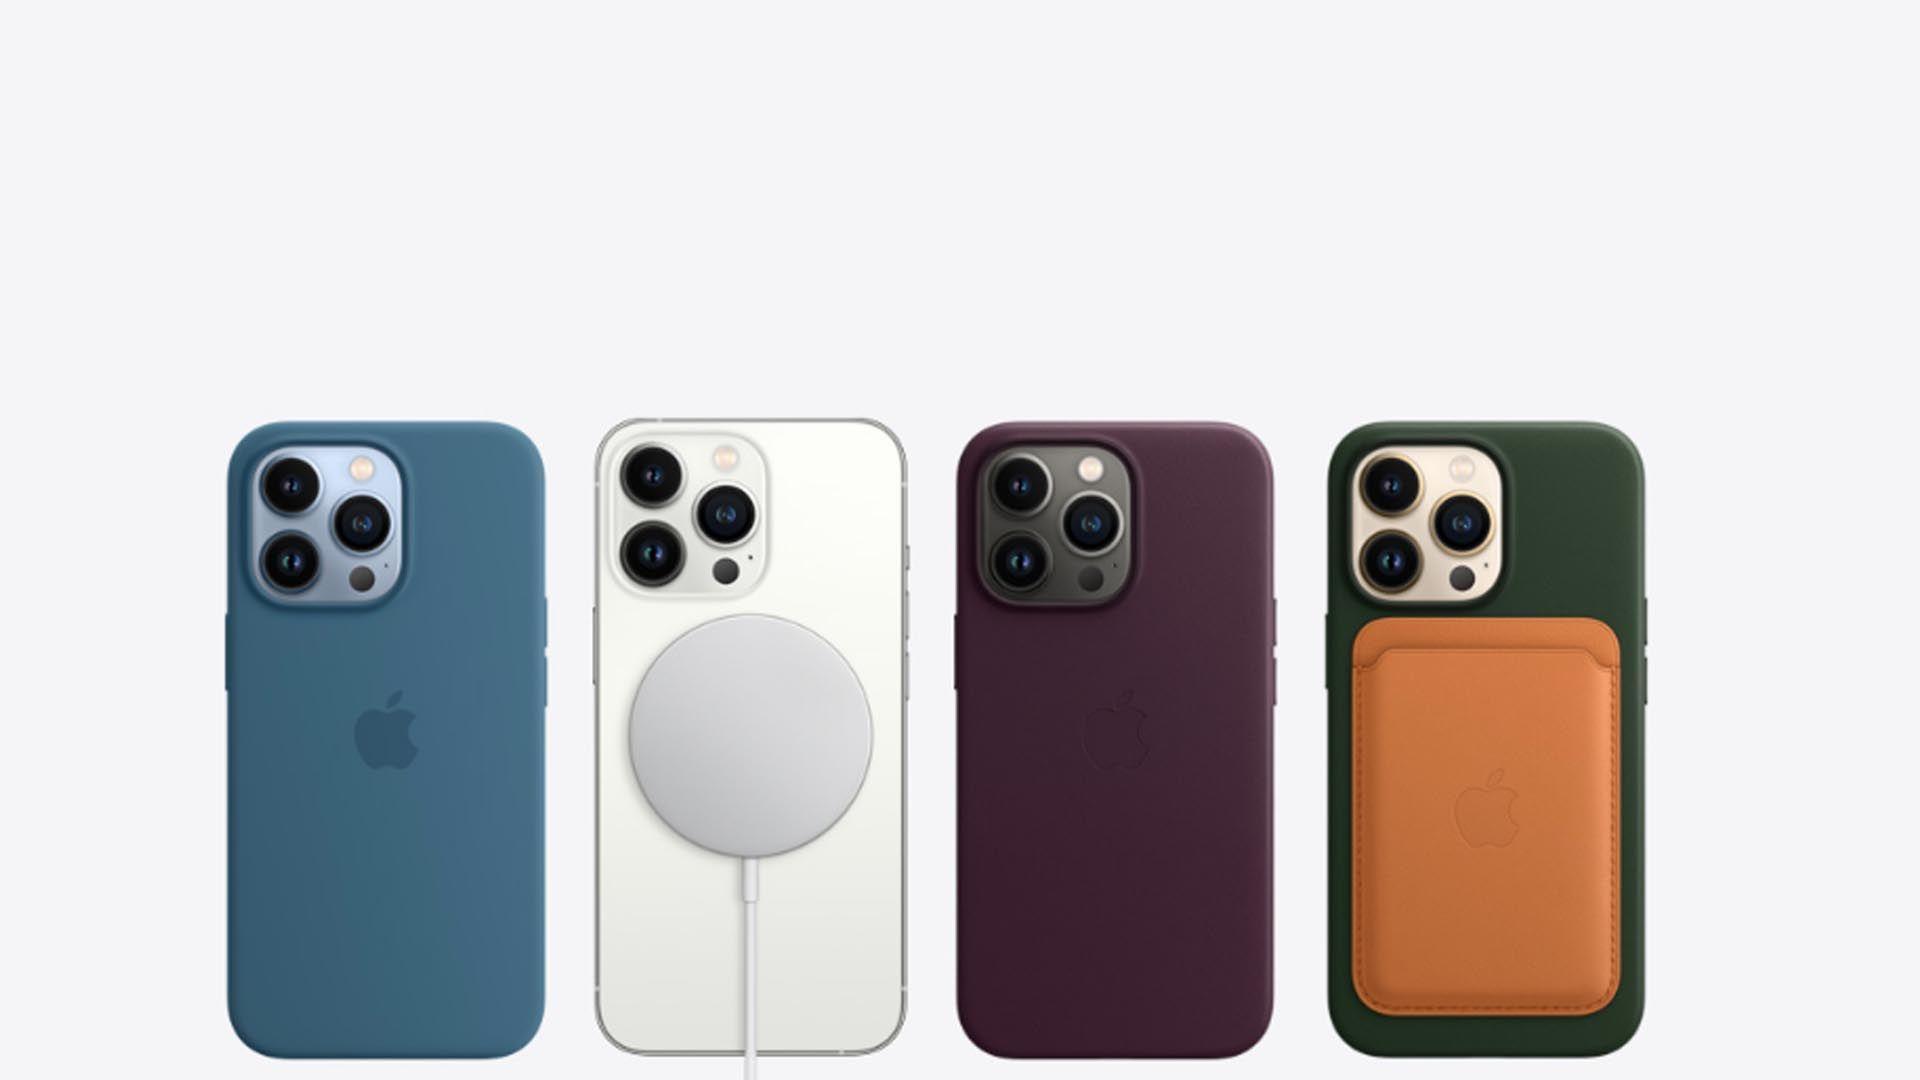 Imagem que mostra o iPhone 13 Pro com capas magnéticas